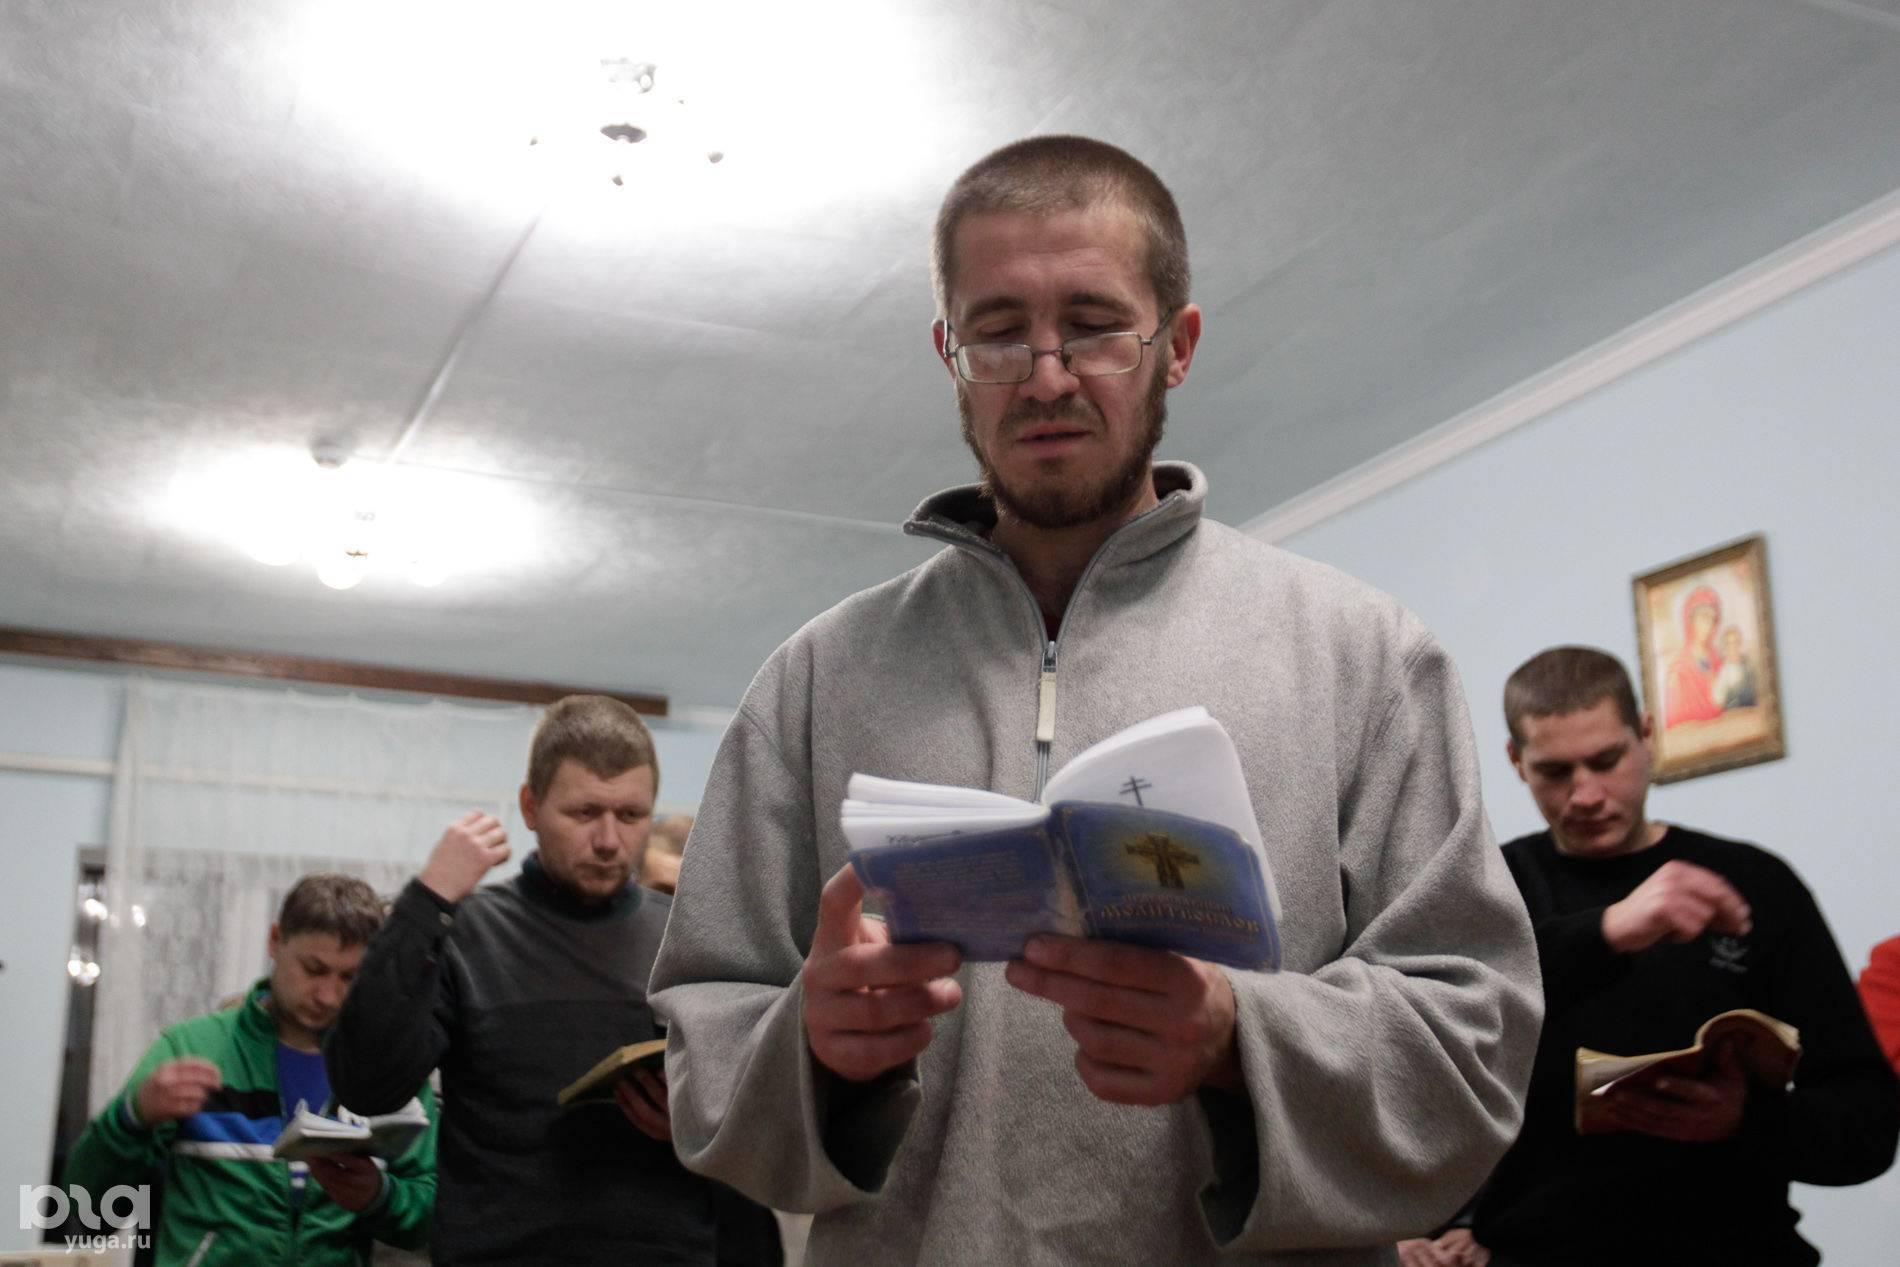 Реабилитация алкоголизма в москве, центр для алкоголиков москва